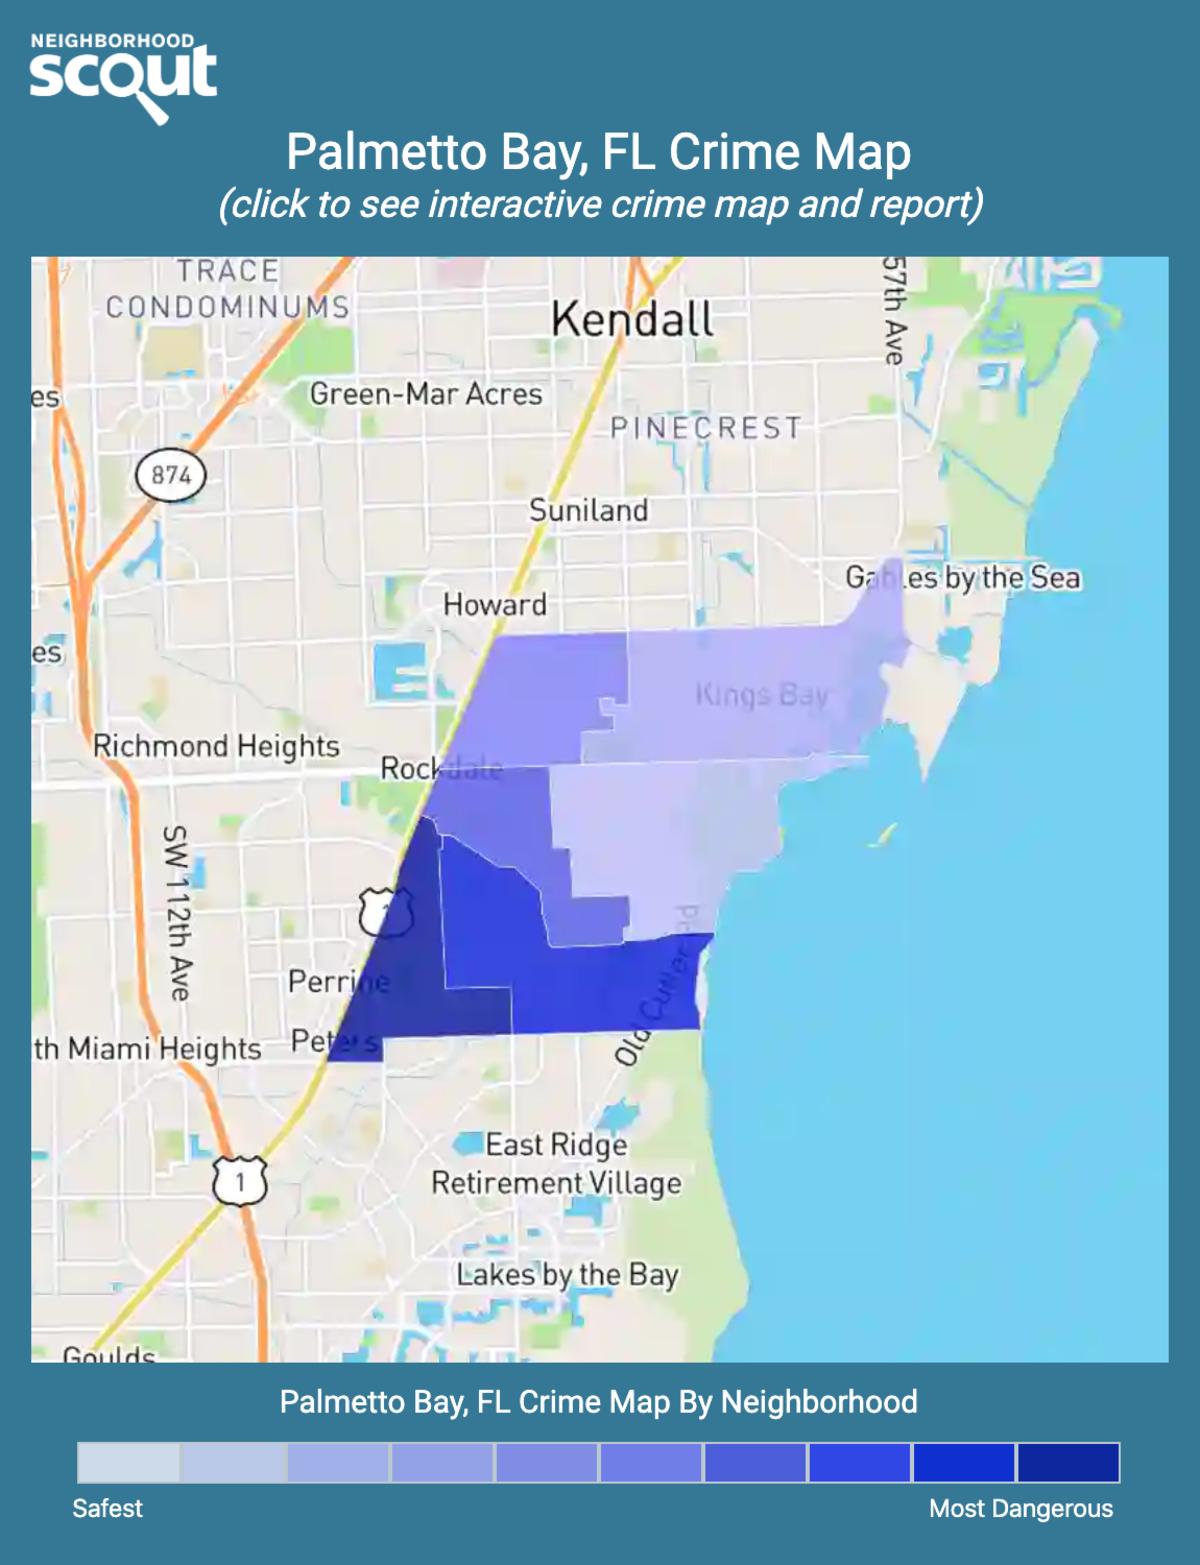 Palmetto Bay, Florida crime map